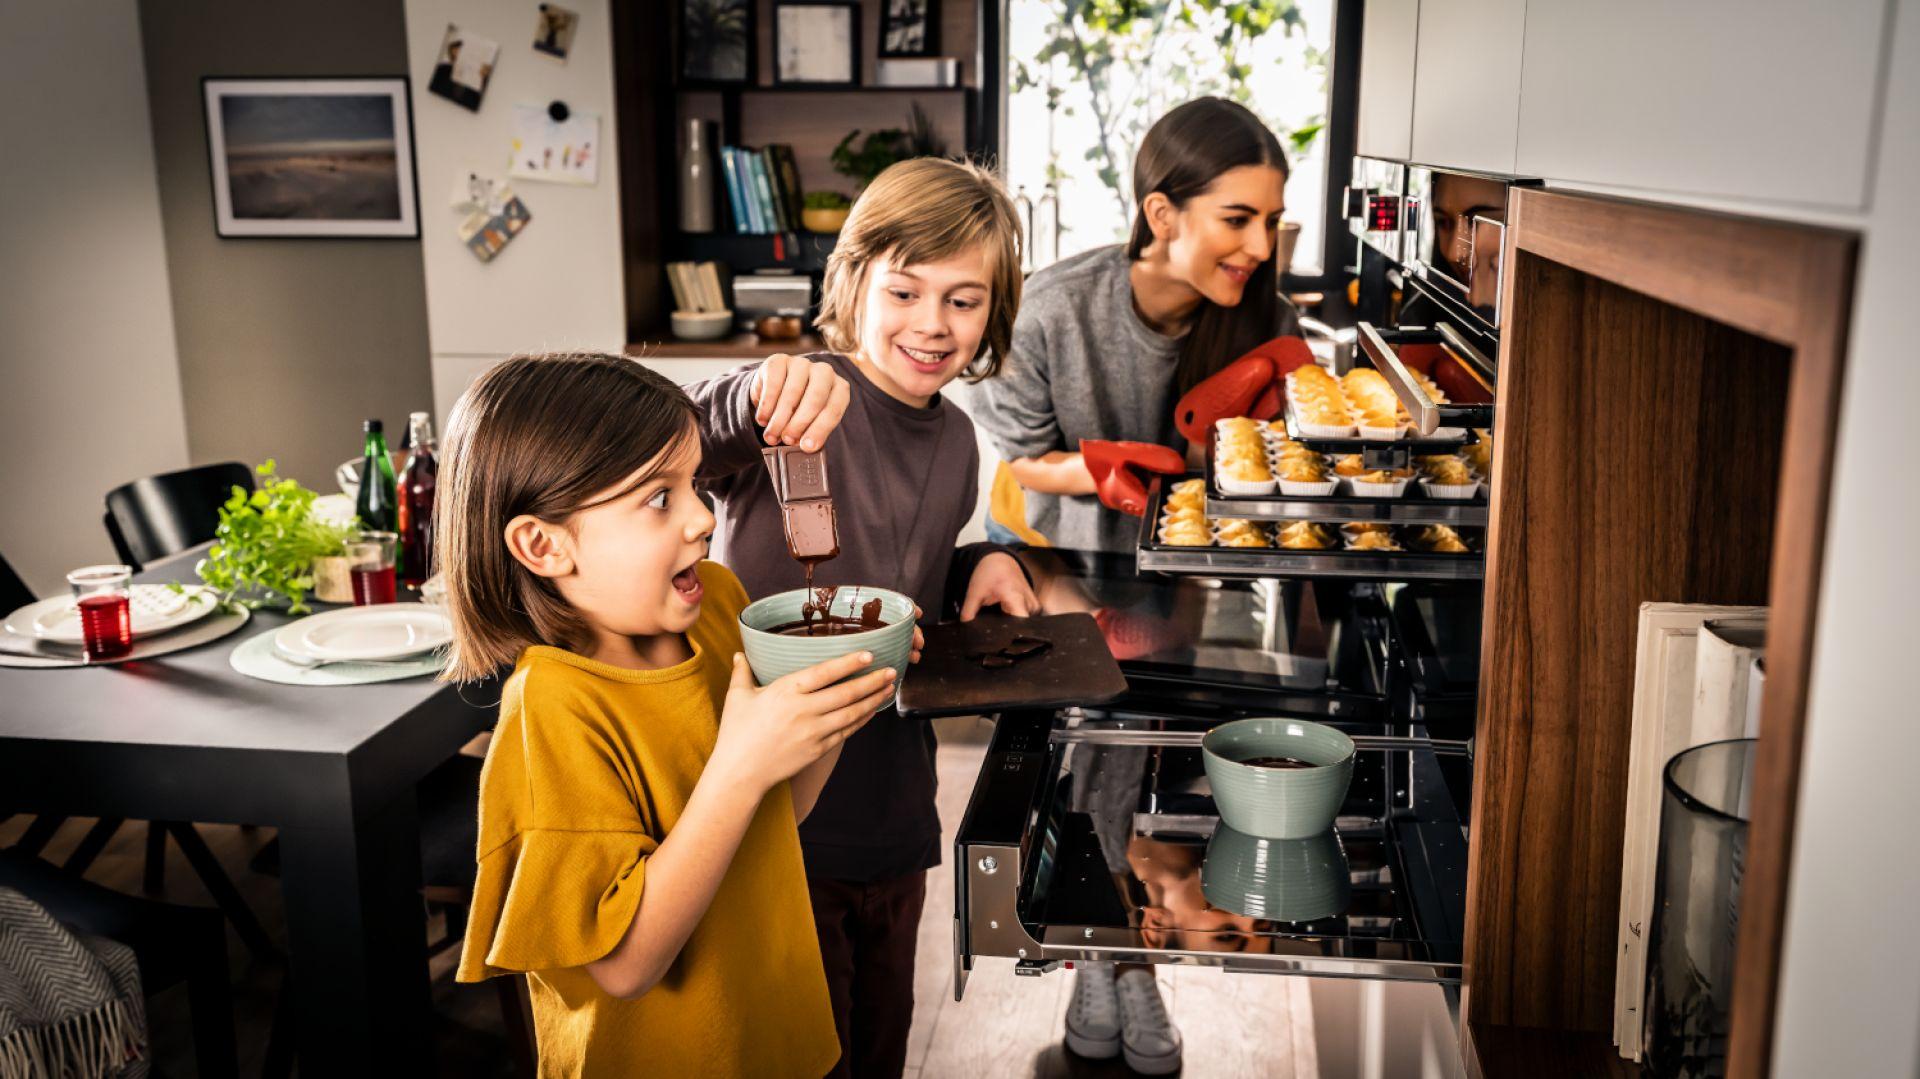 BakingPro System™ to nowe funkcjonalności, które zostały zaprojektowane specjalnie z myślą o podniesieniu jakości wypieków. Fot. Amica